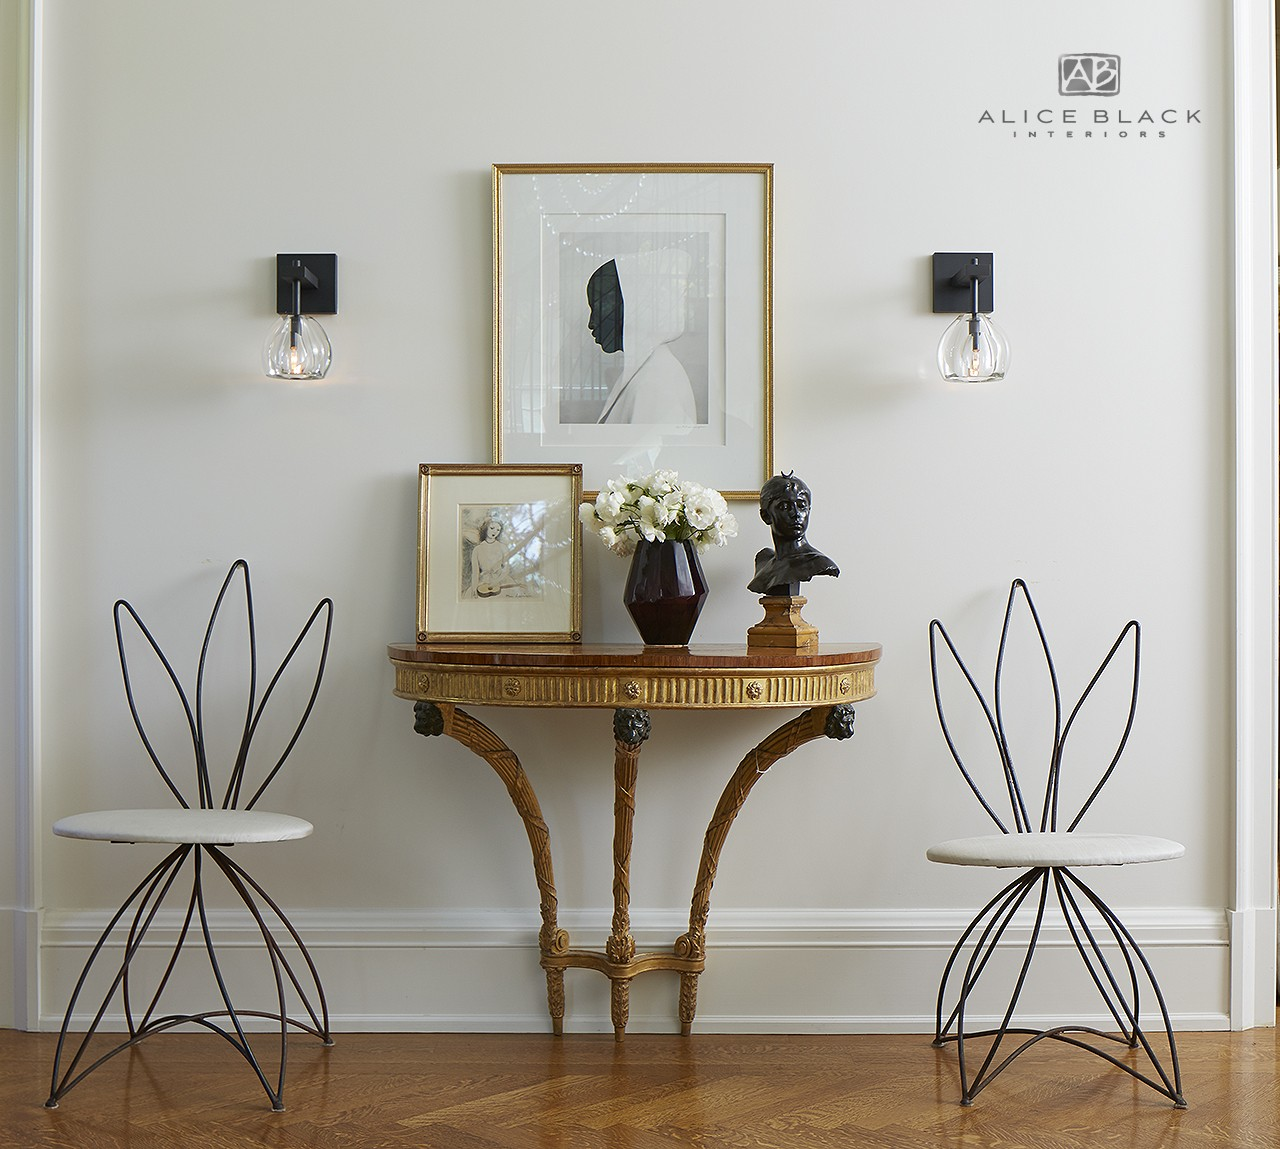 Palo Alto Interior Designer Alice Black